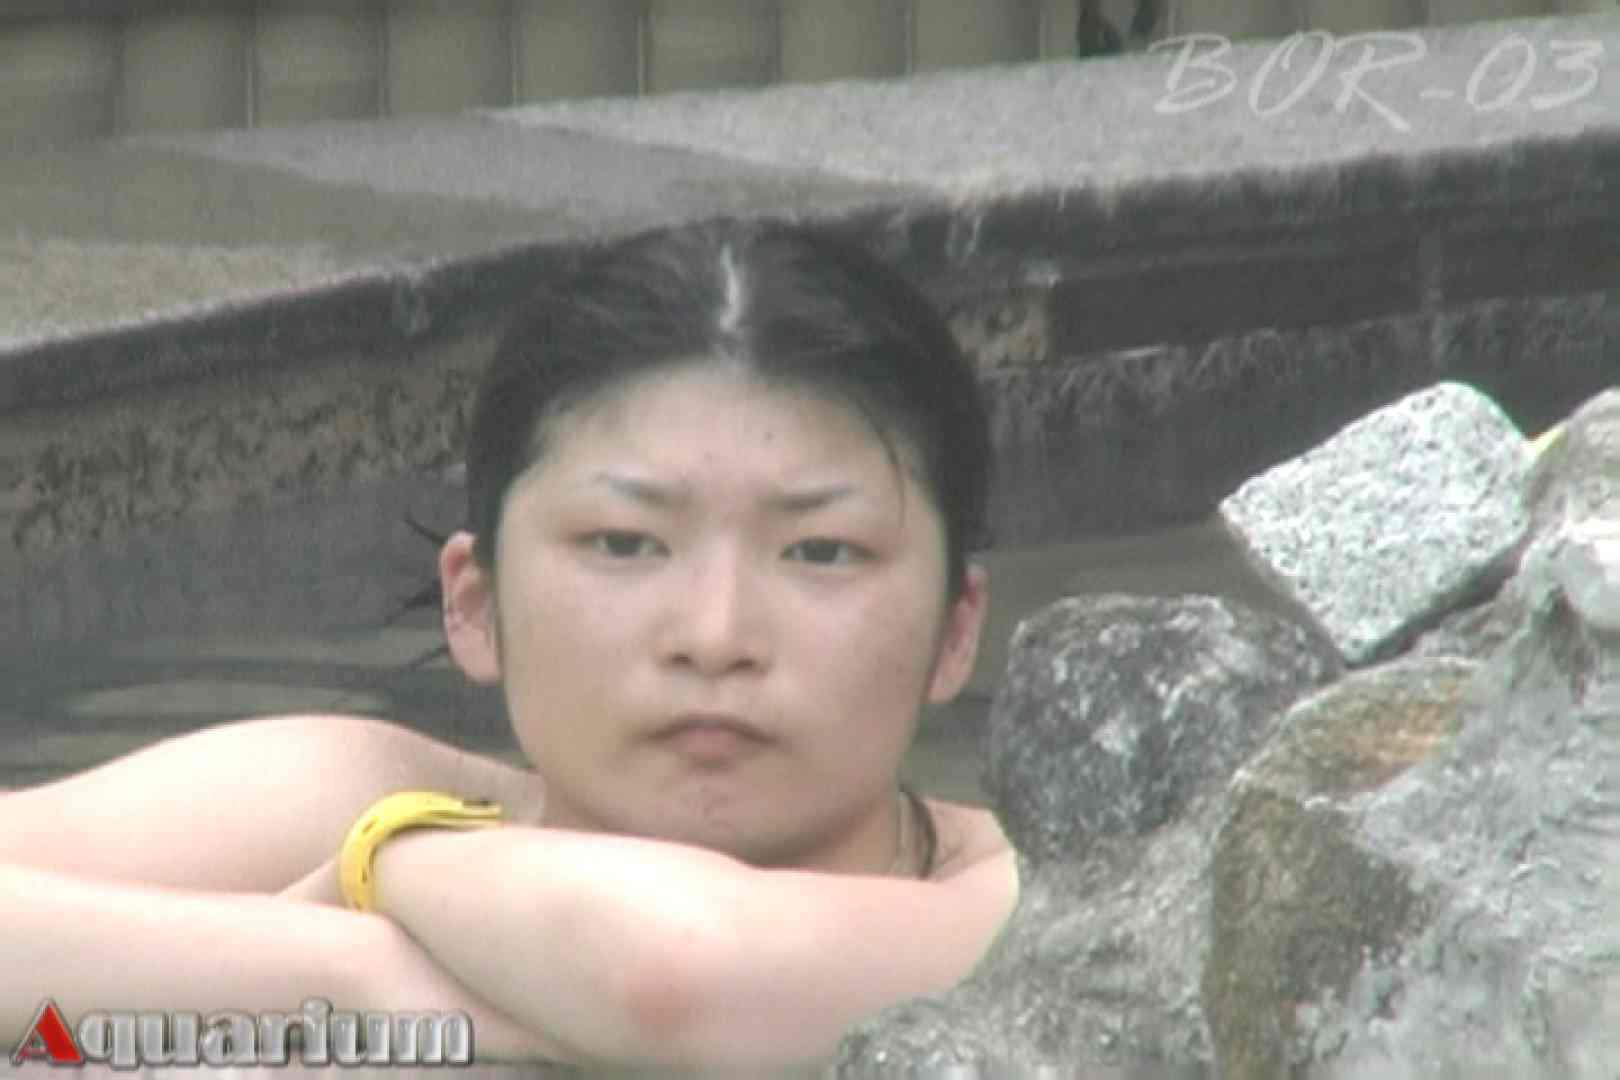 Aquaな露天風呂Vol.481 女体盗撮 のぞき動画画像 78連発 41